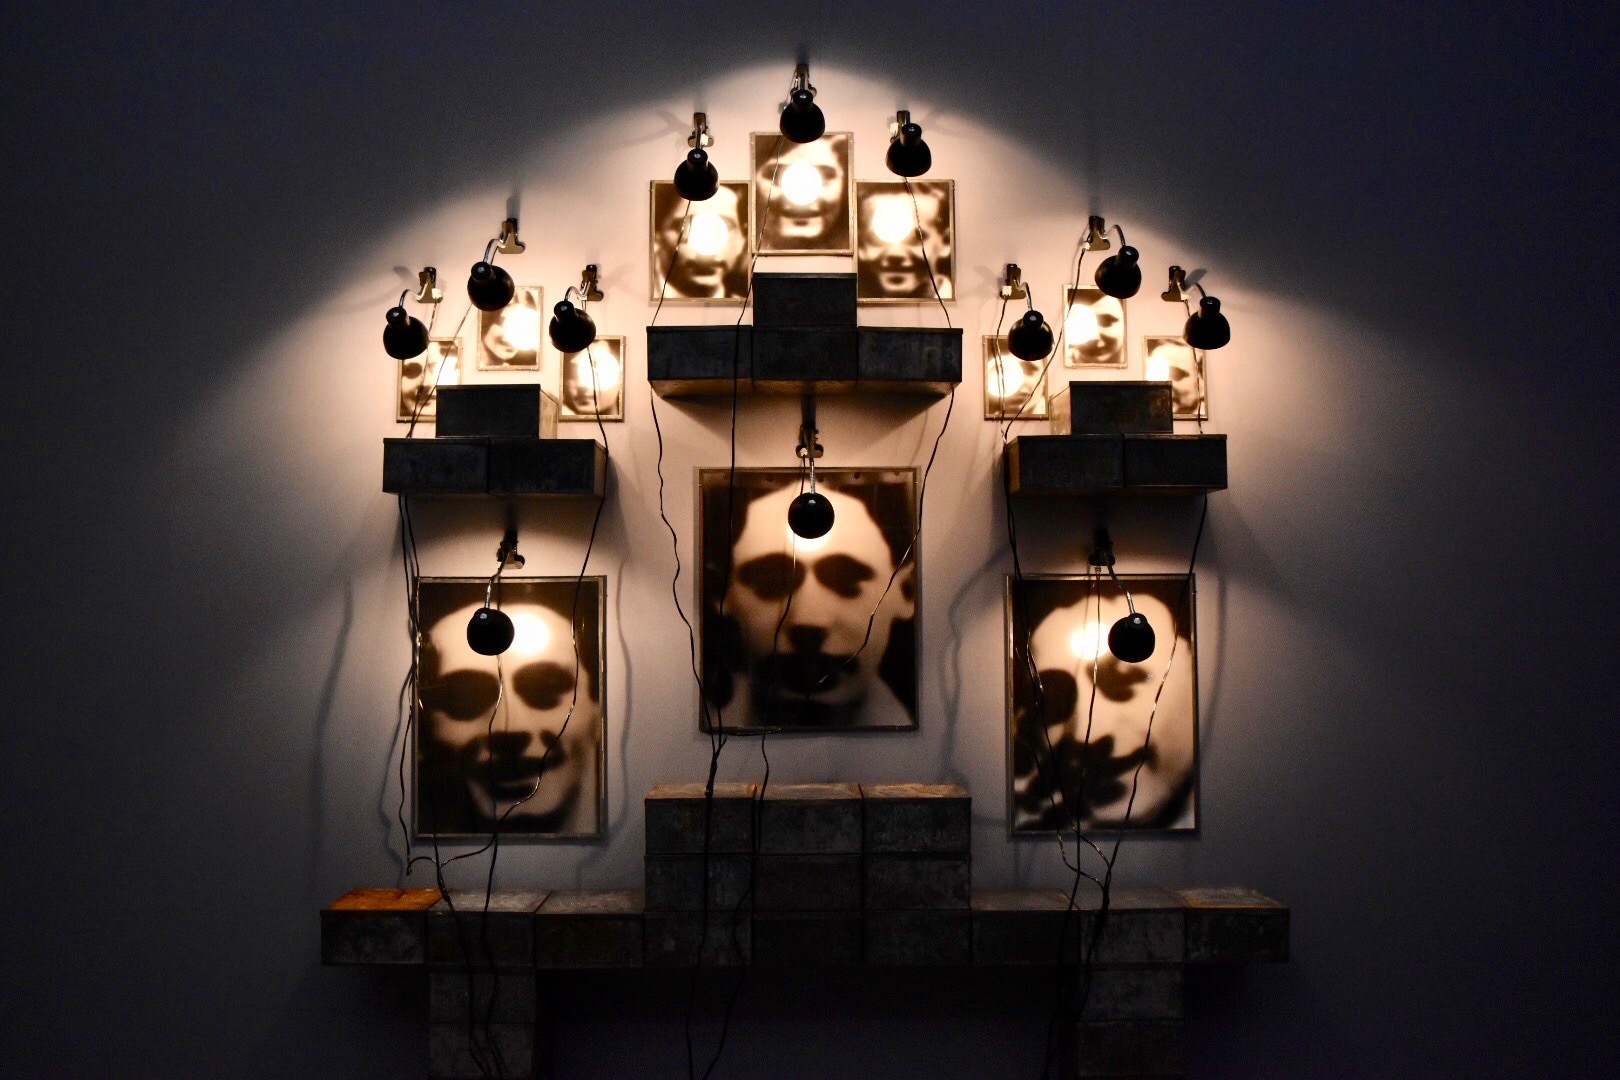 《シャス高校の祭壇》 1987年 「クリスチャン・ボルタンスキー −Lifetime」展 2019年 国立新美術館展示風景